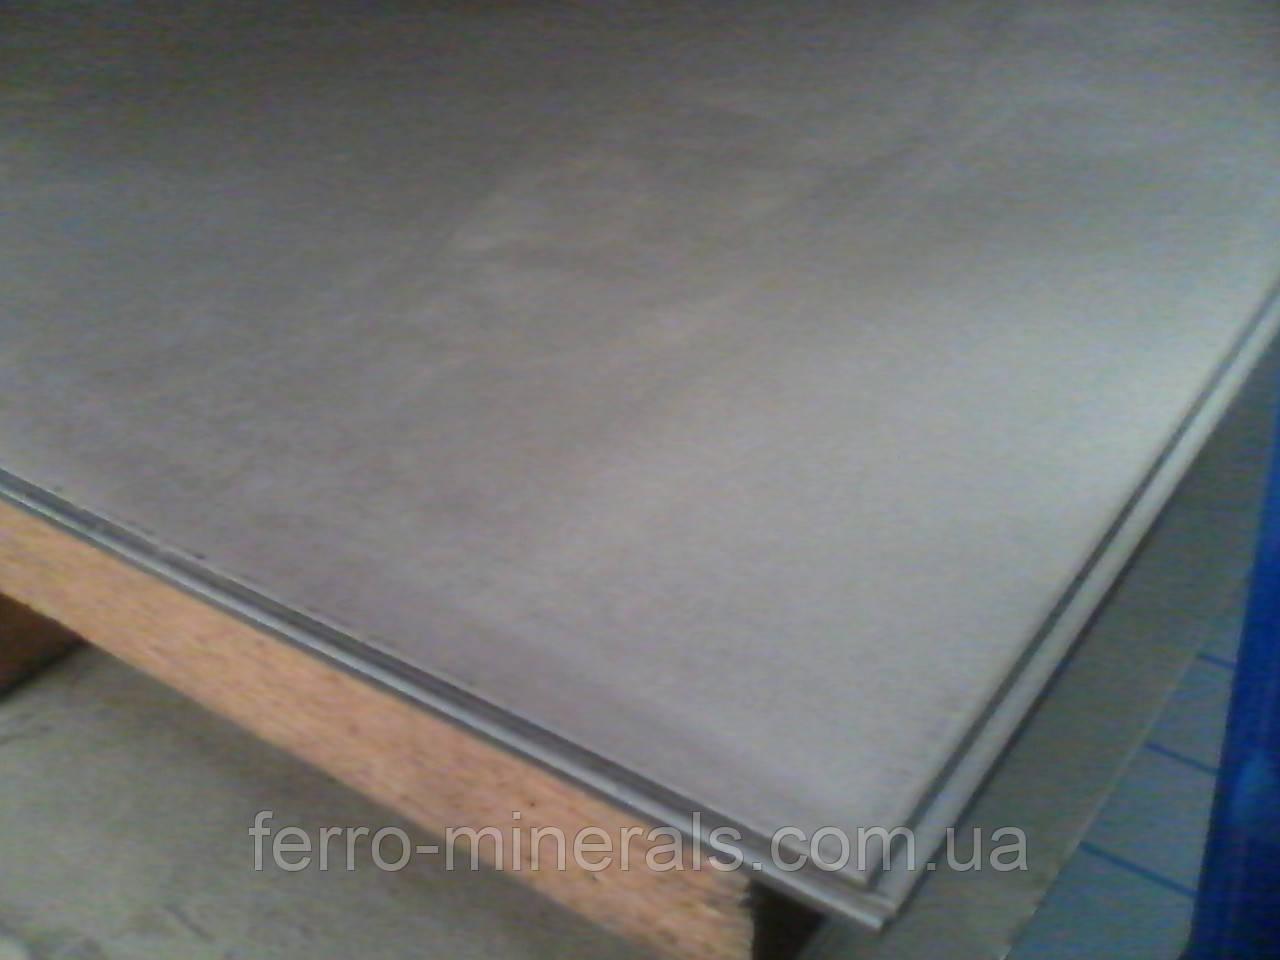 Нержавеющий лист 28,0х1500х6000мм,  AISI 321 (08X18H10Т), 1D